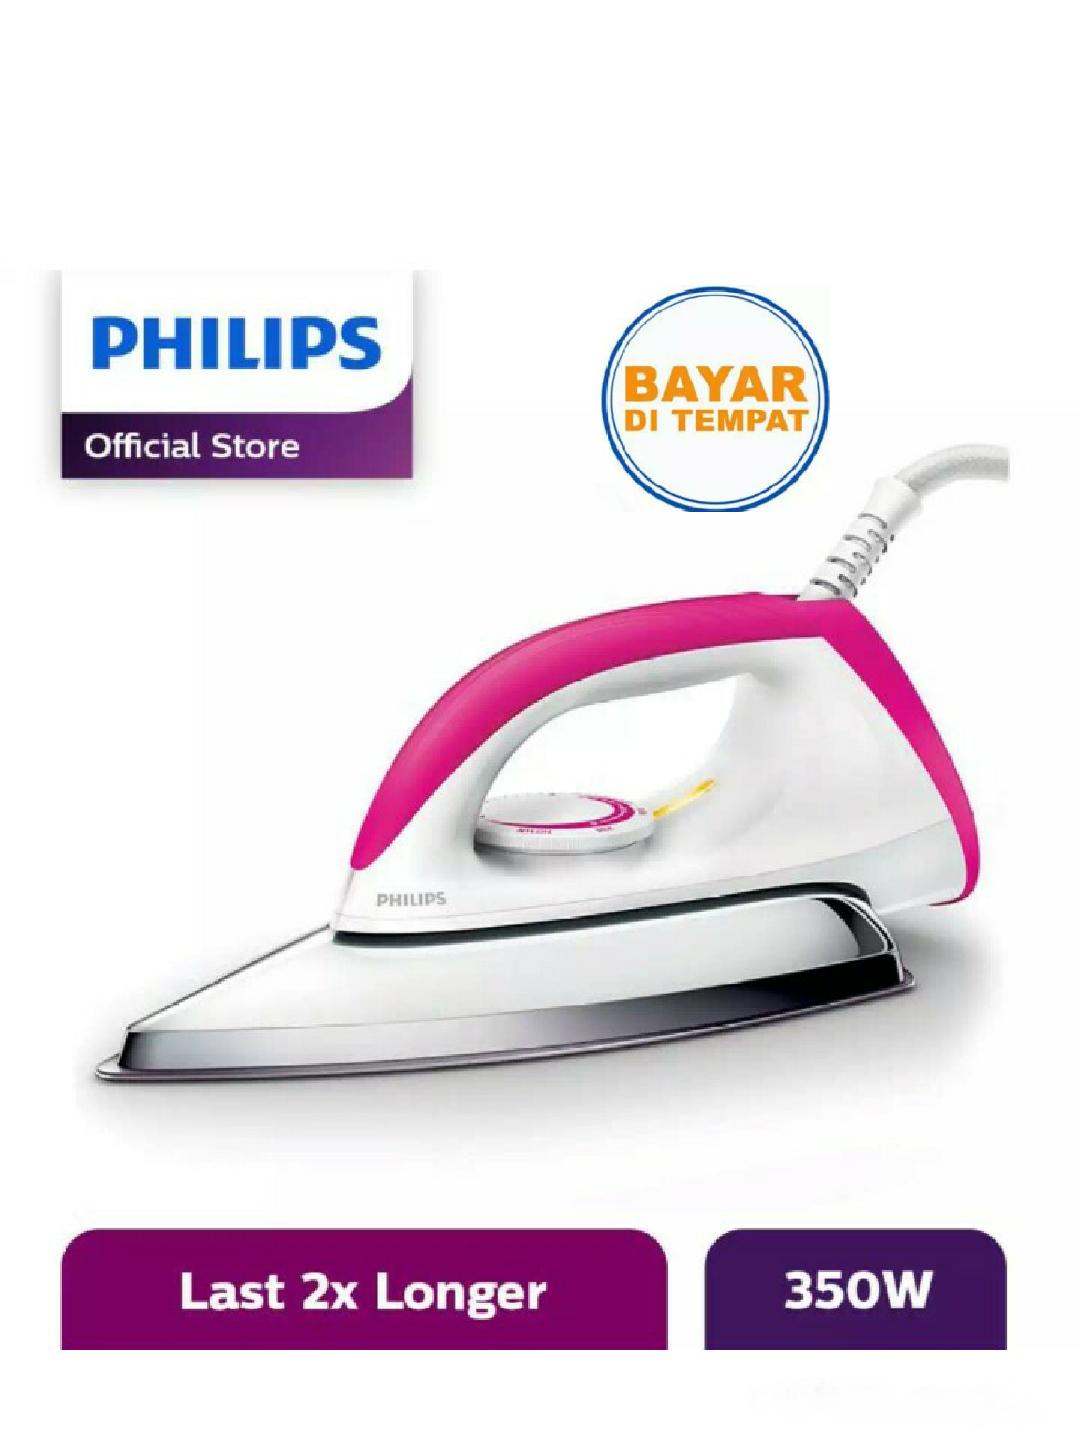 Philips Setrika HD-1173 - Putih-Pink GARANSI RESMI 1 TAHUN